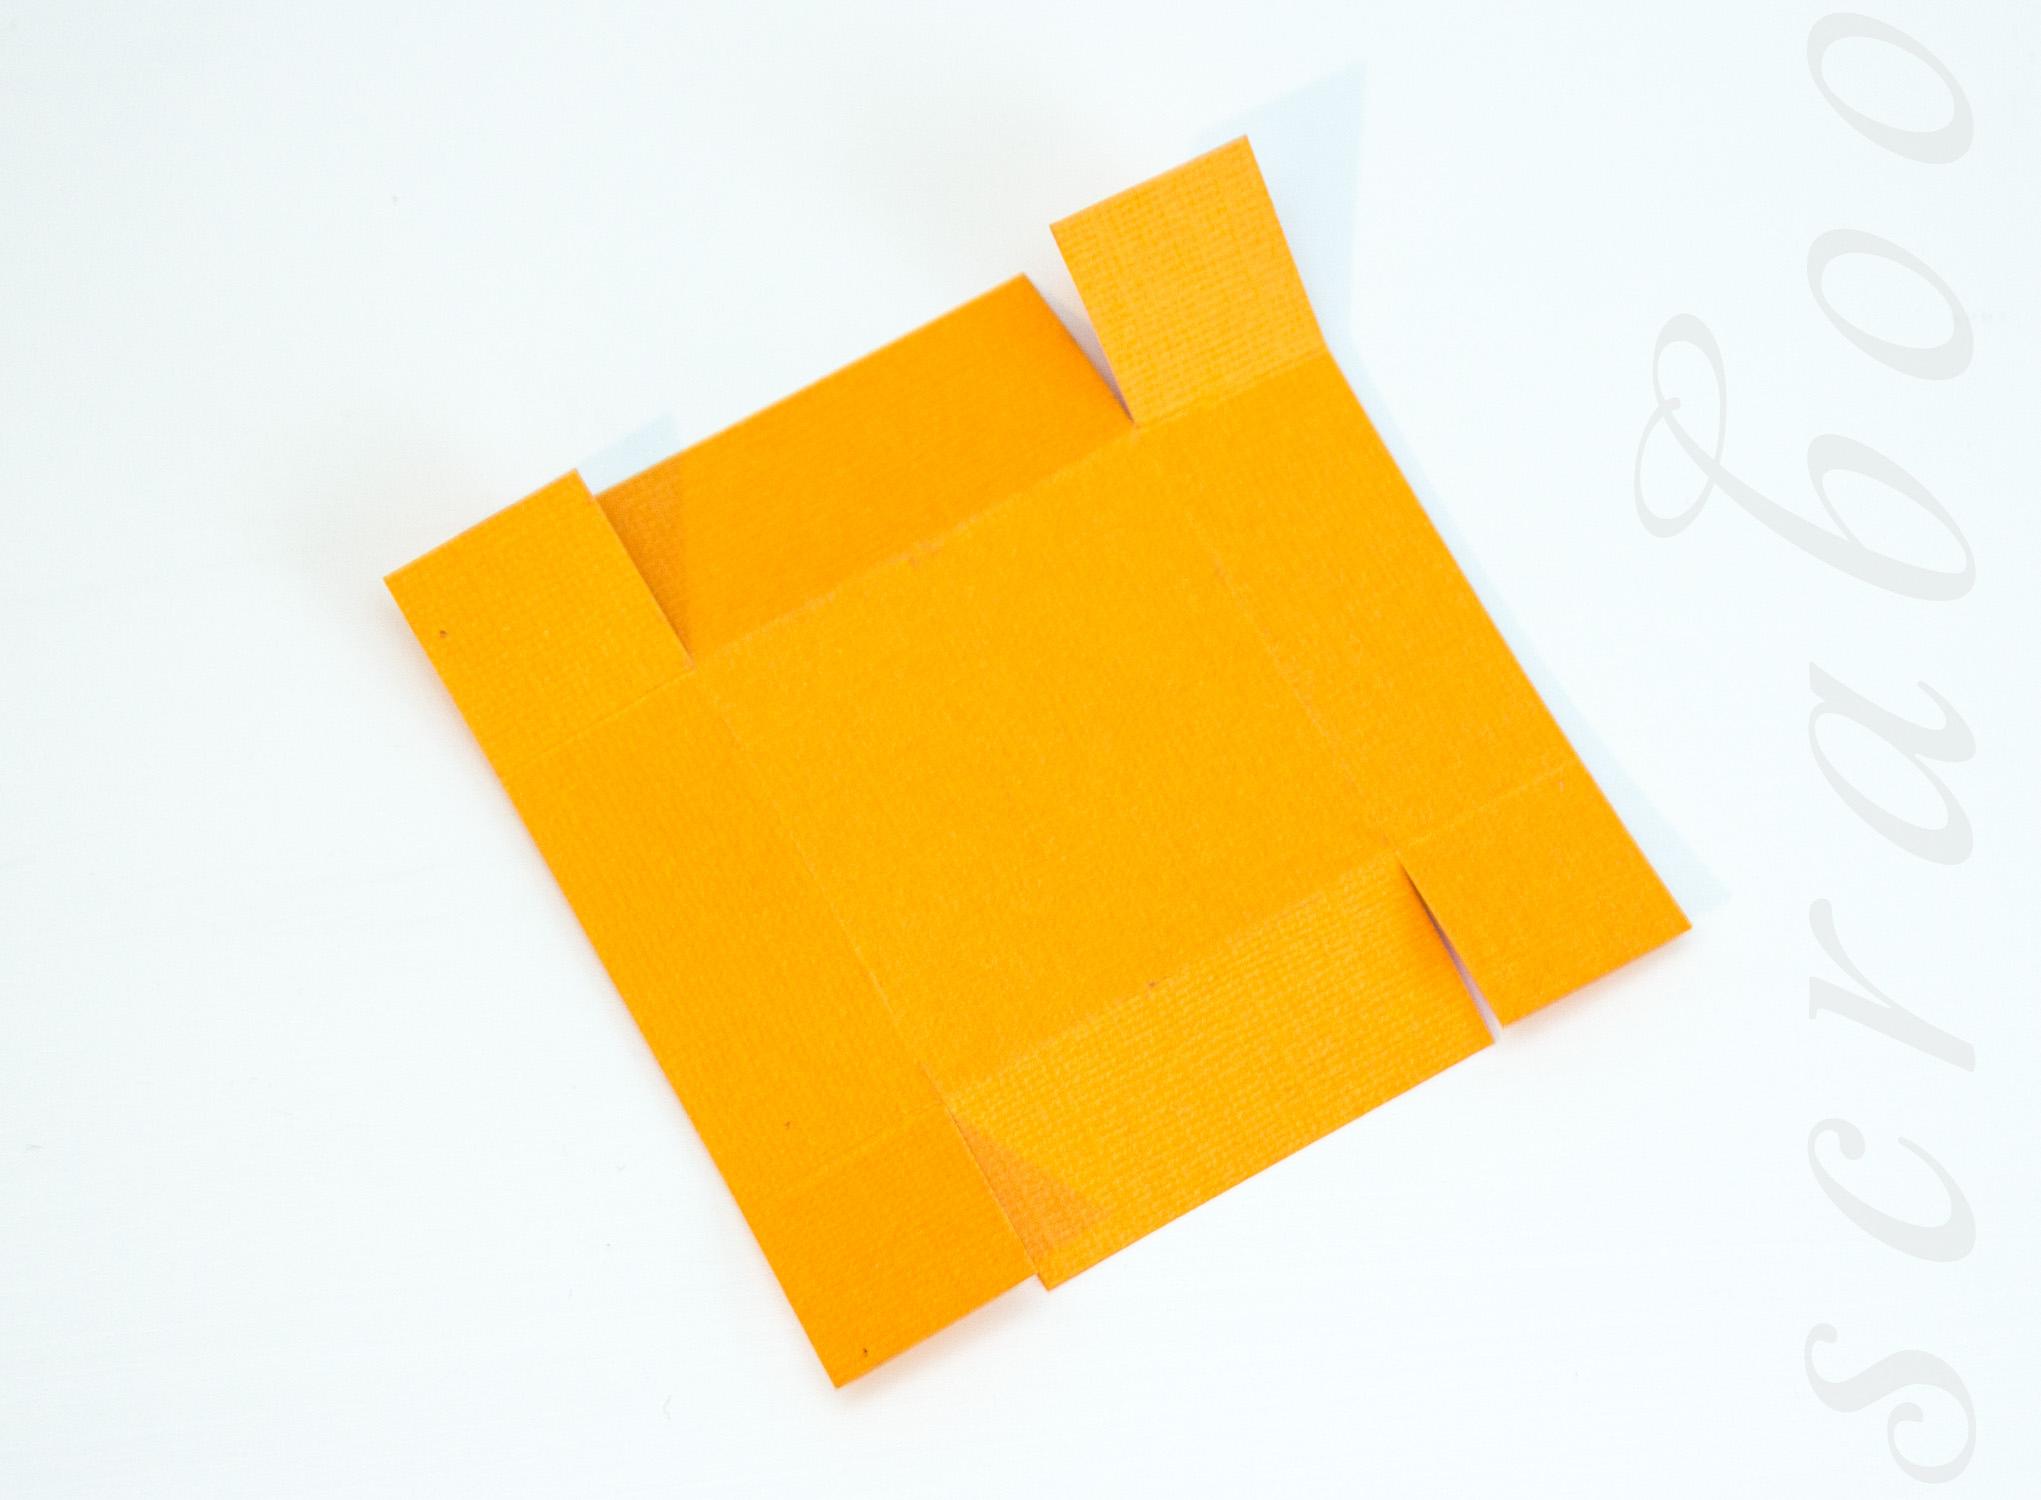 Крышка для коробочки из бумаги. Скрапбукинг